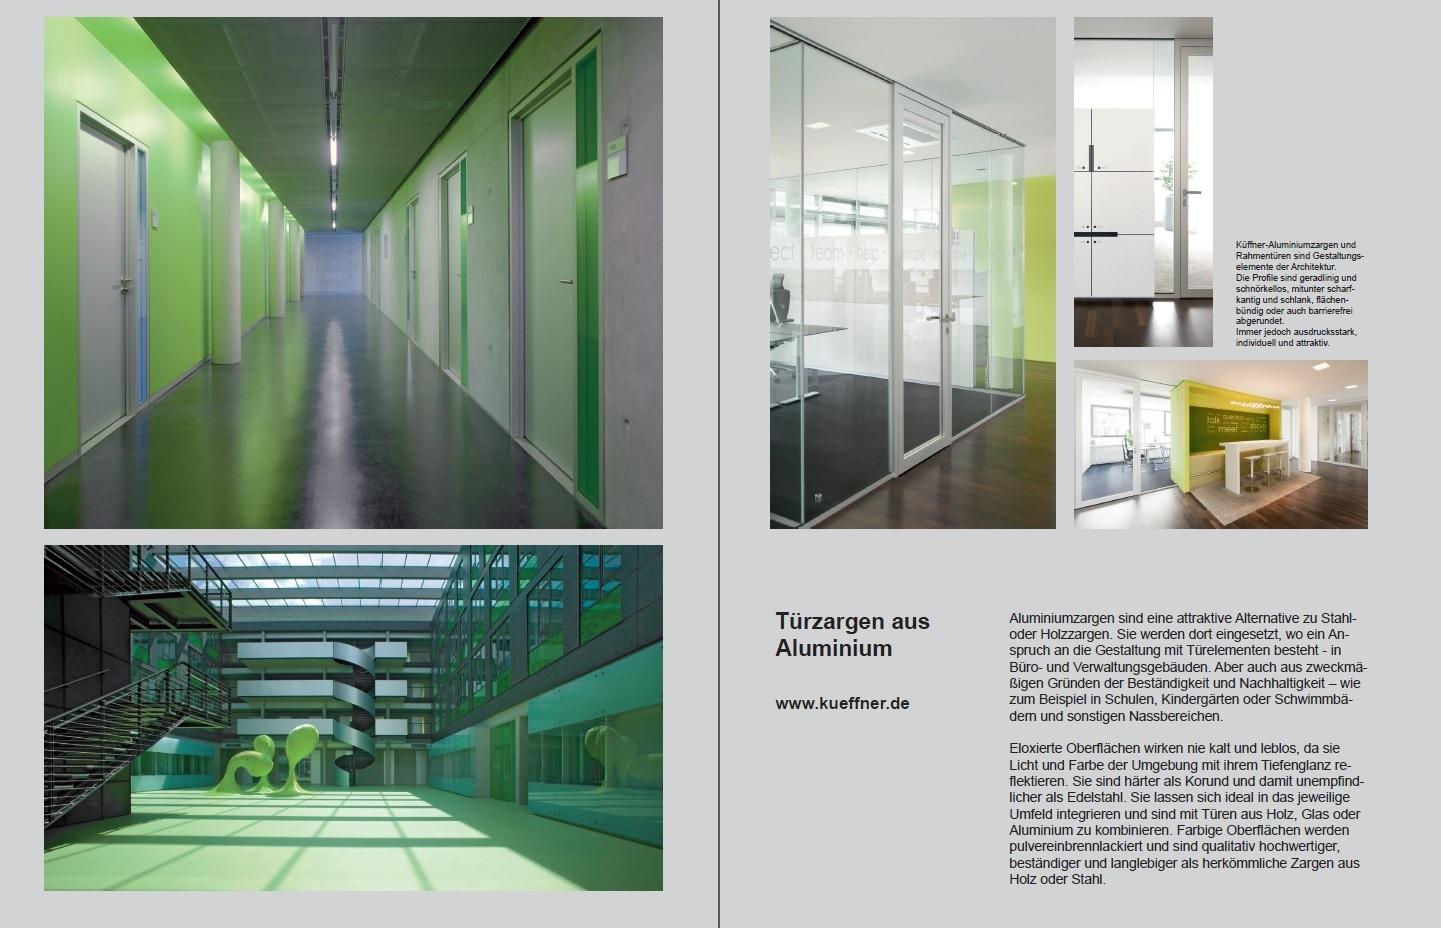 Baumeister - Das Architektur Magazin - Küffner Aluzargen